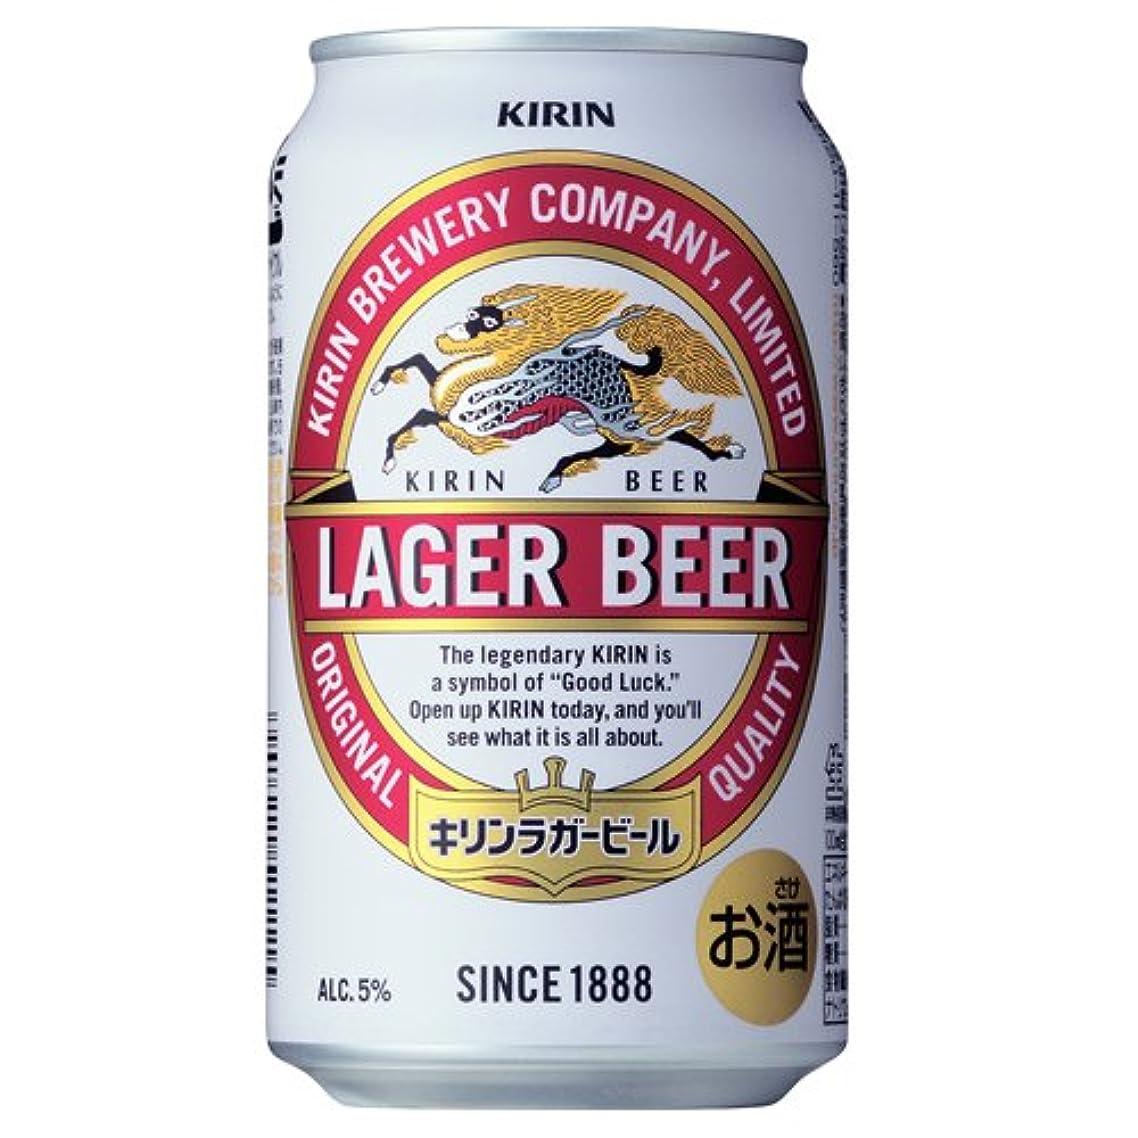 質素なキロメートル退屈キリン ラガービール 350ml 6本